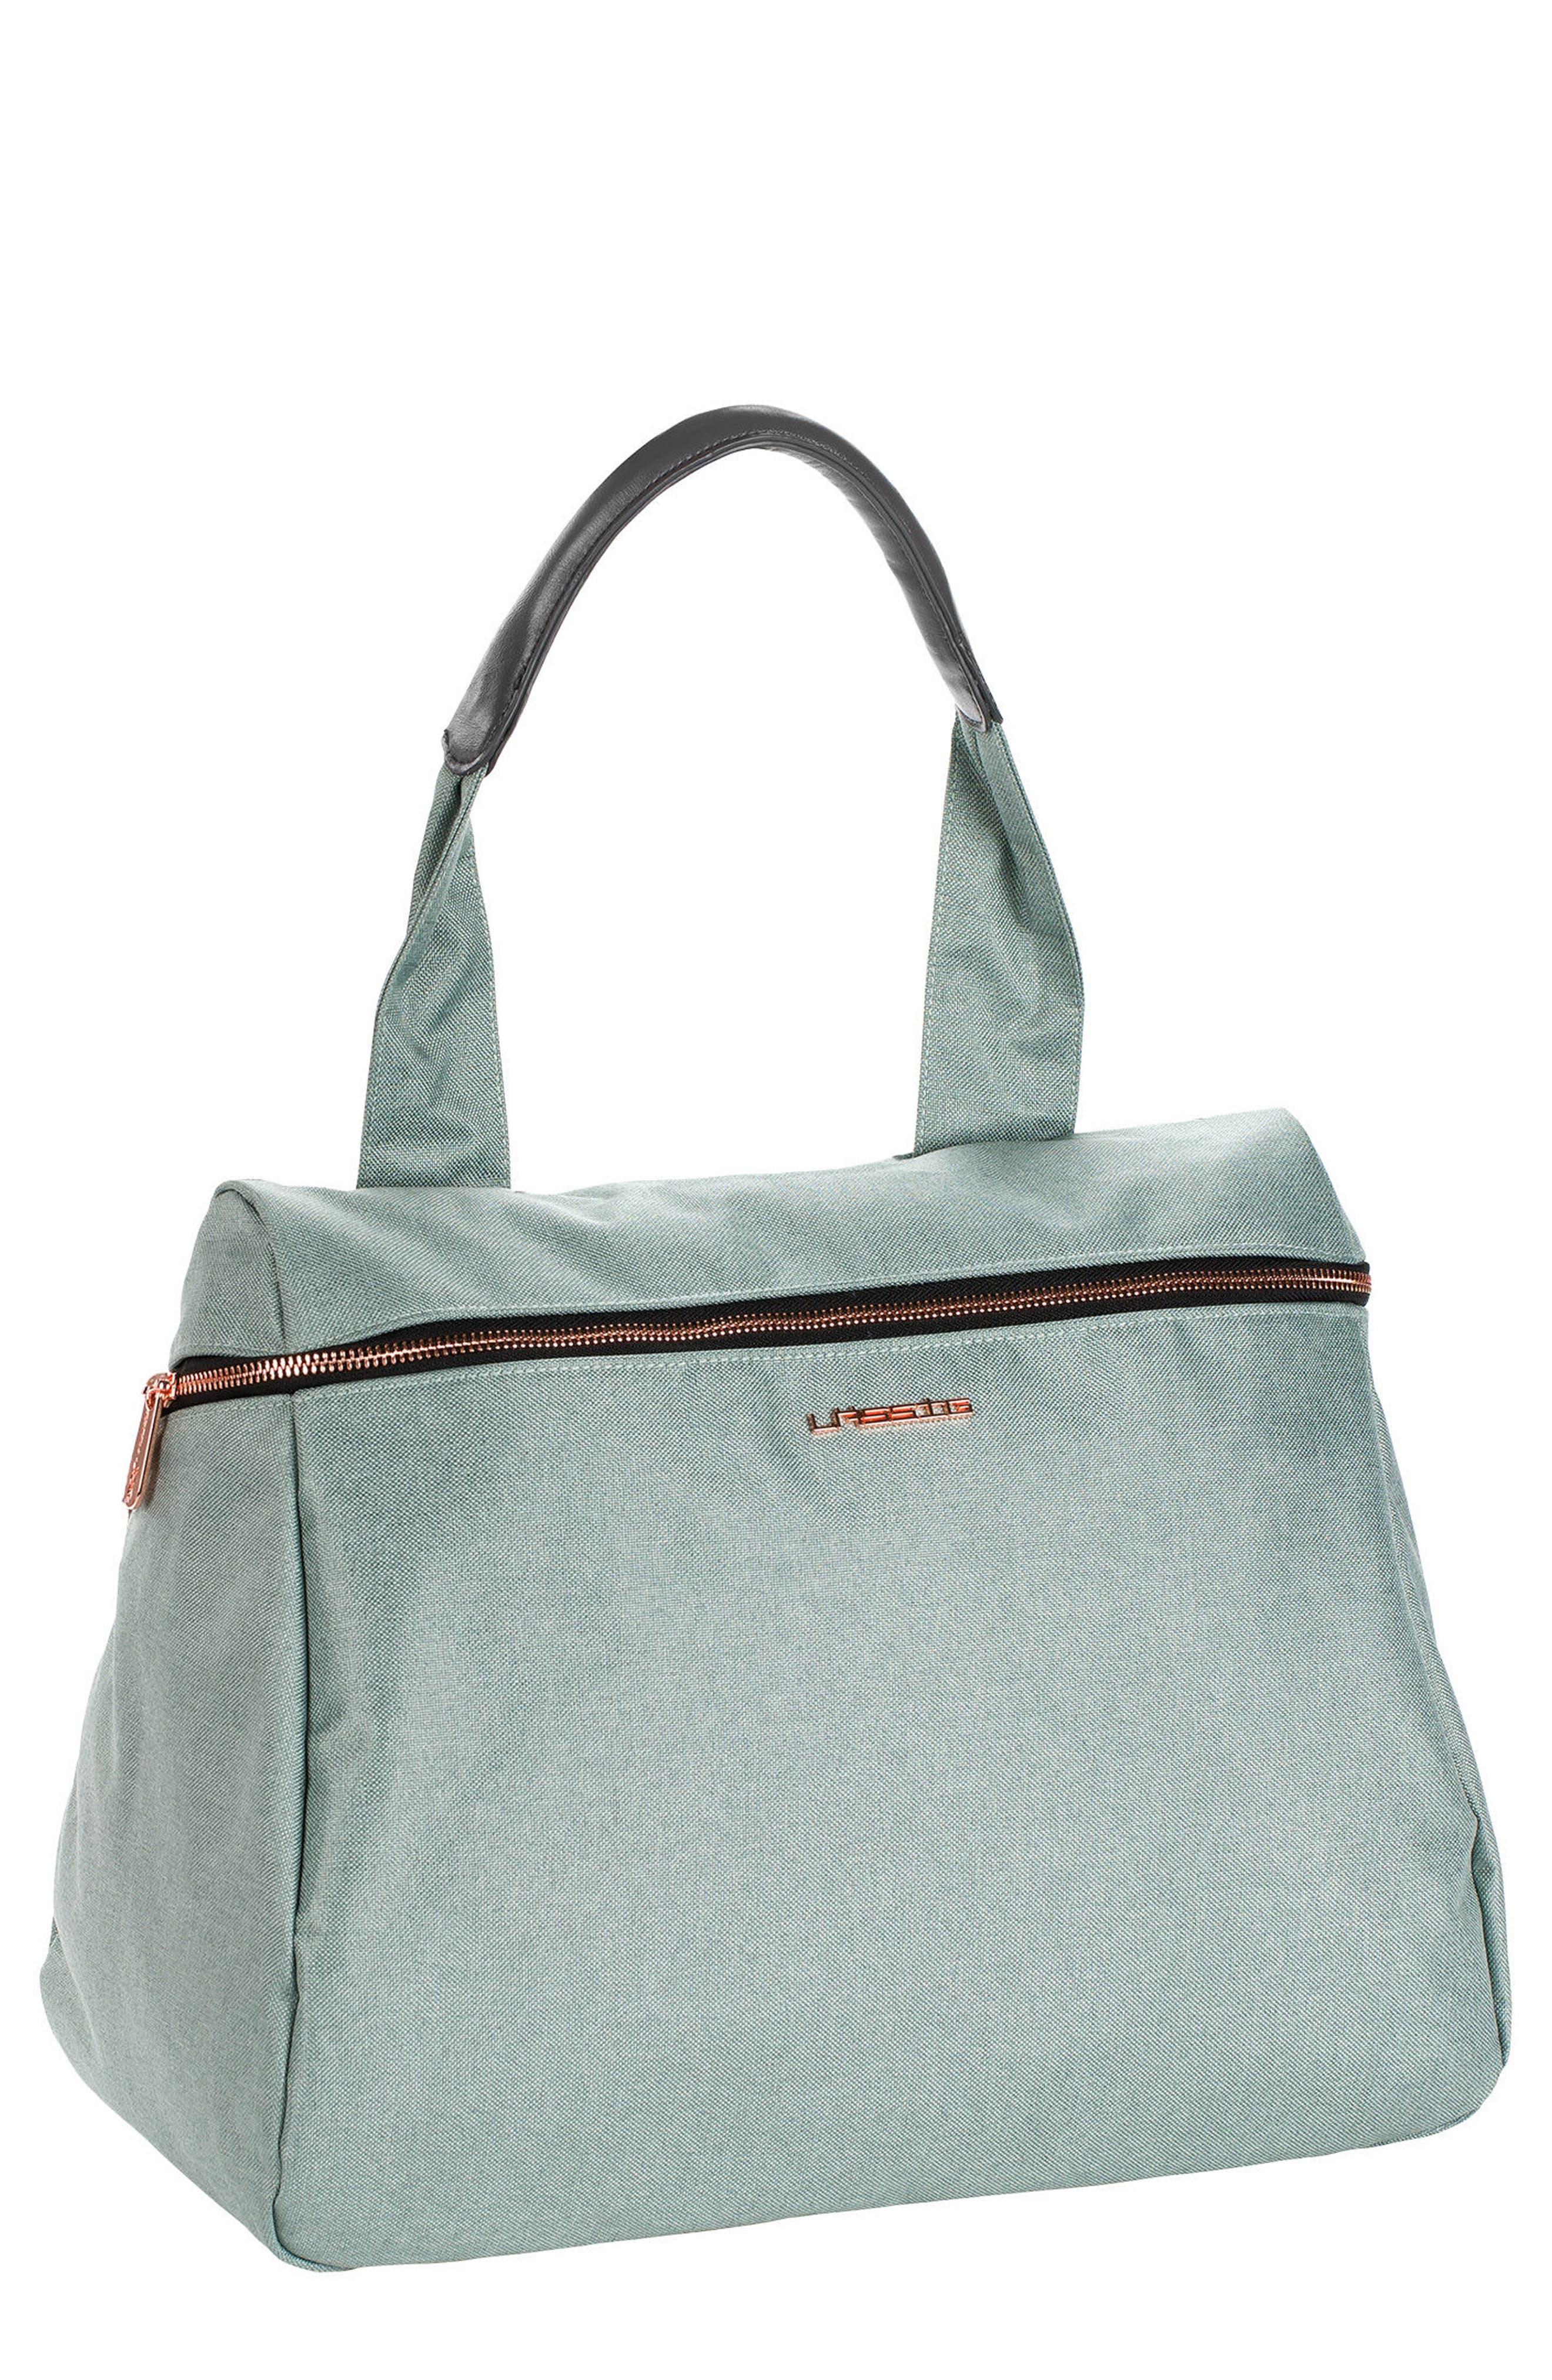 Lässig Glam Rosie Diaper Bag